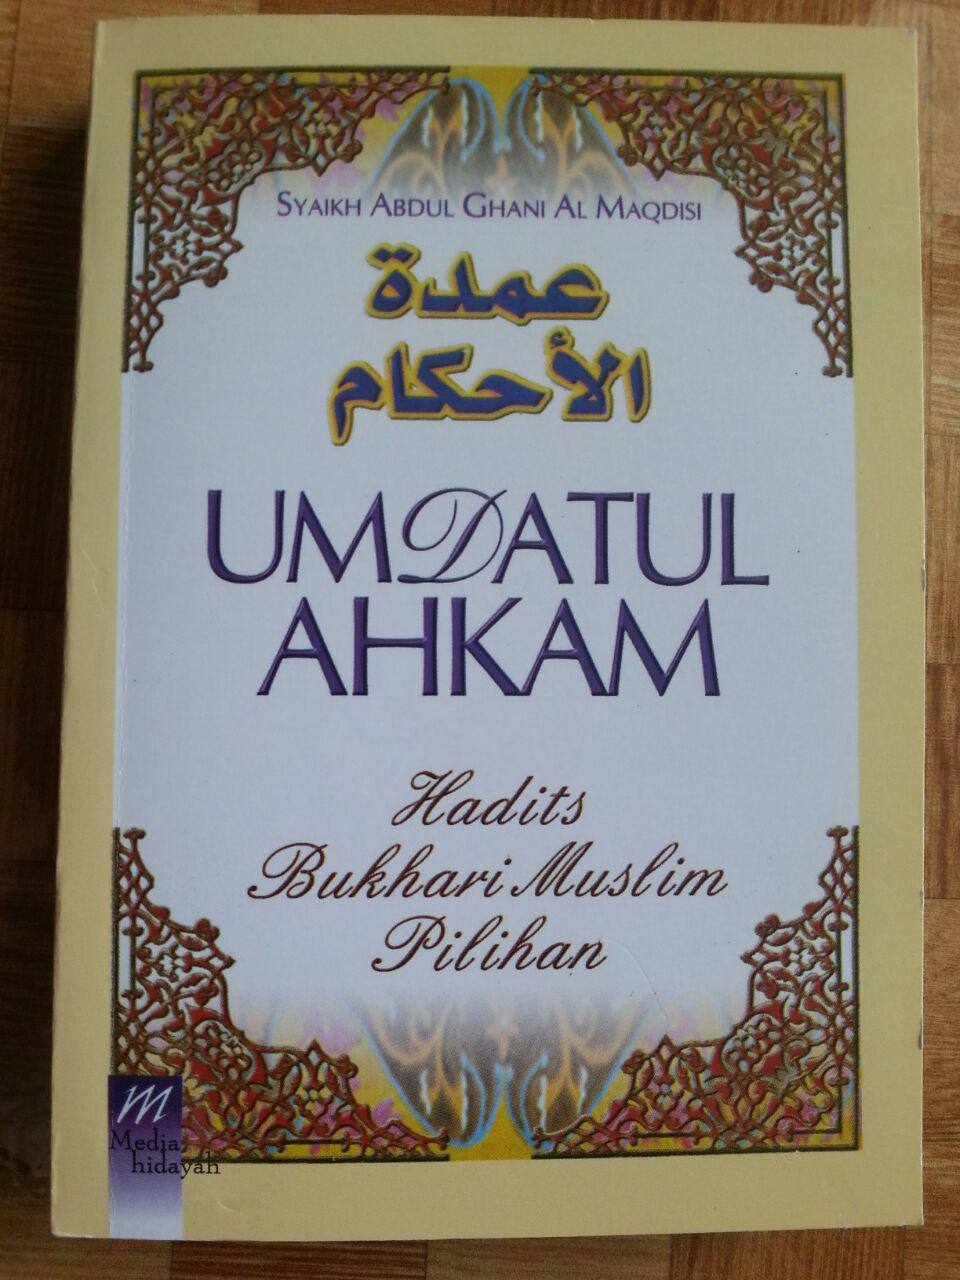 Buku Terjemah Umdatul Ahkam Ukuran A5 cover 2